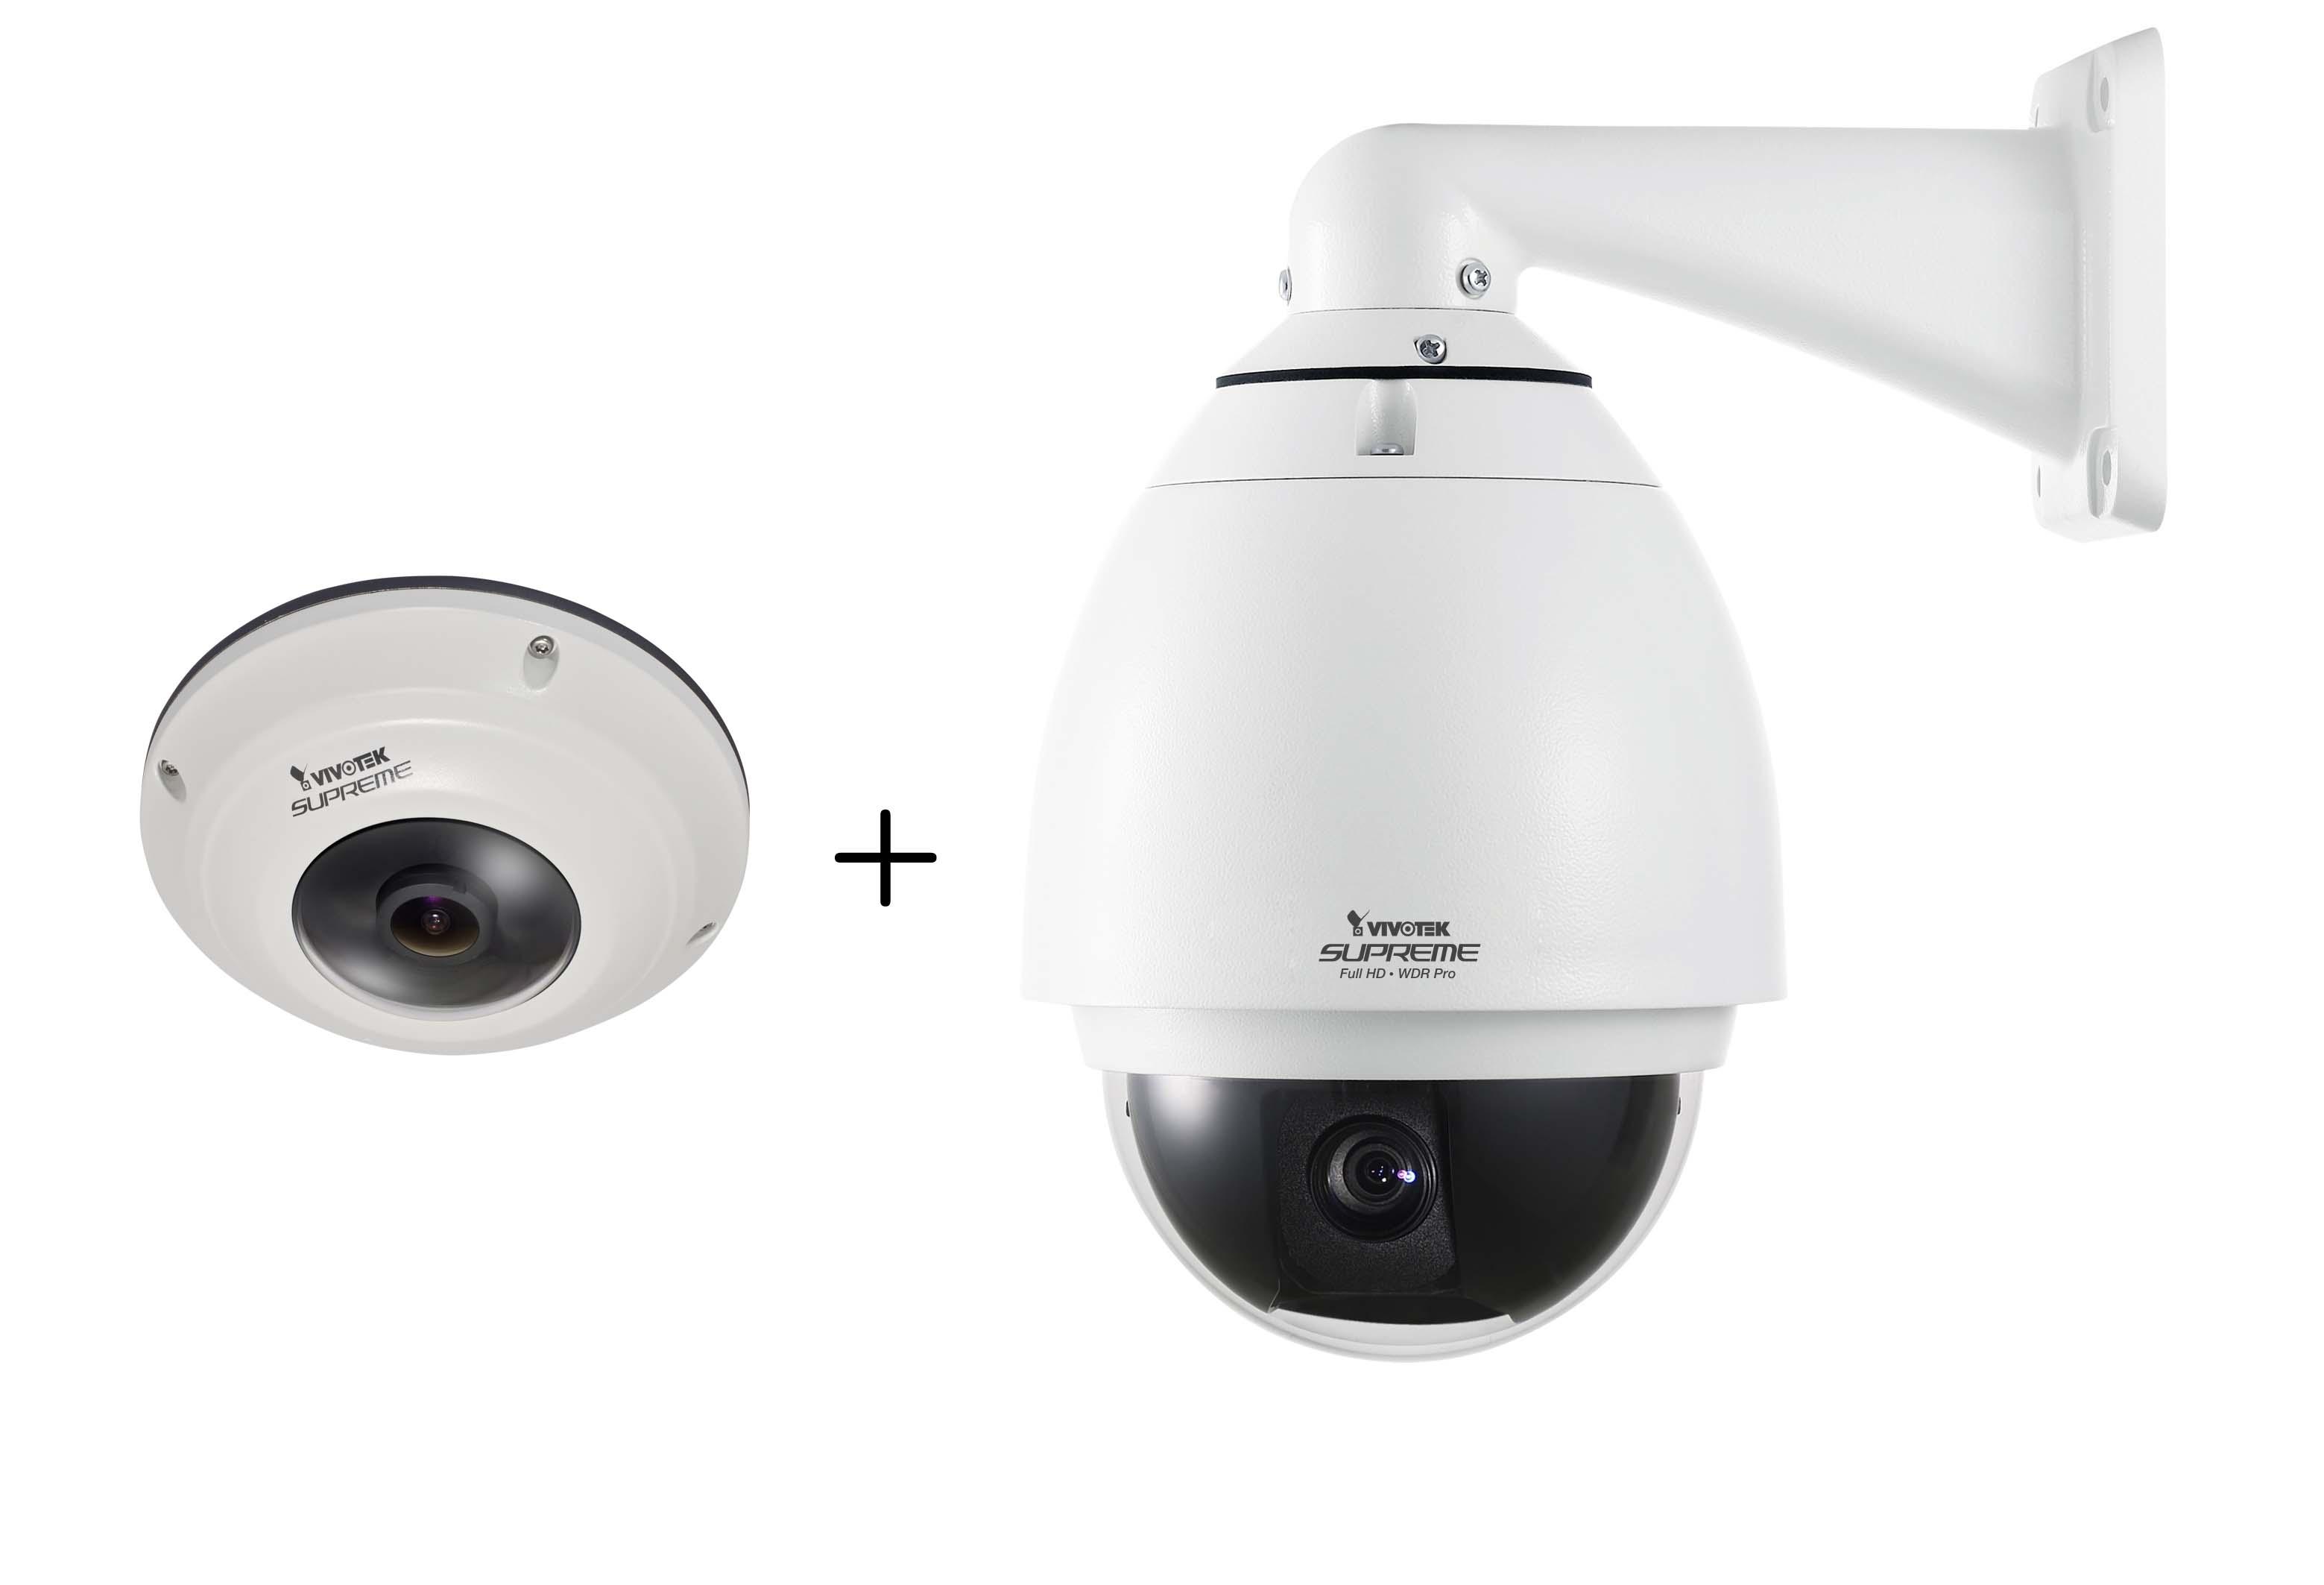 全景無縫PTZ網路攝影機 / 晶睿通訊股份有限公司